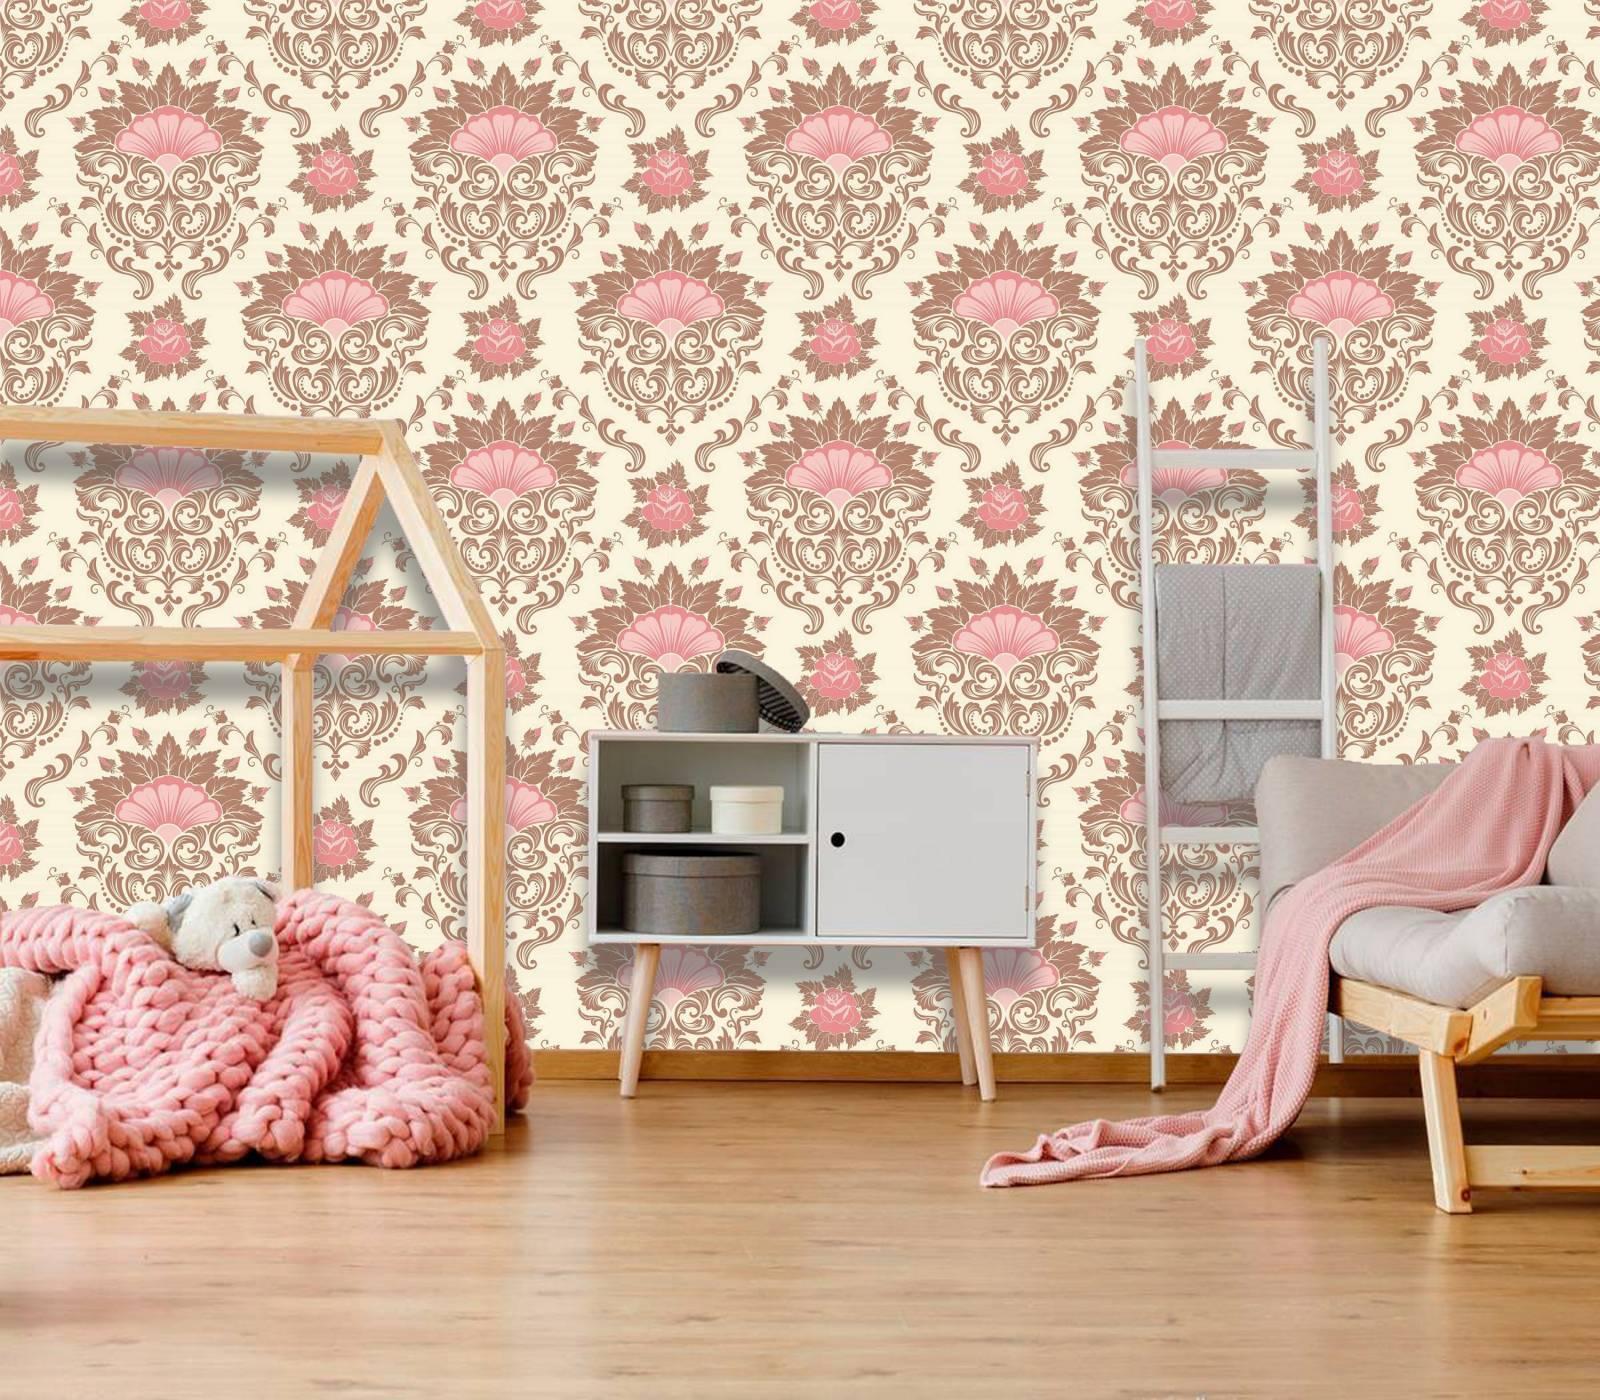 Papel de Parede Rosa Flor| Rolo Adesivo imagem 1